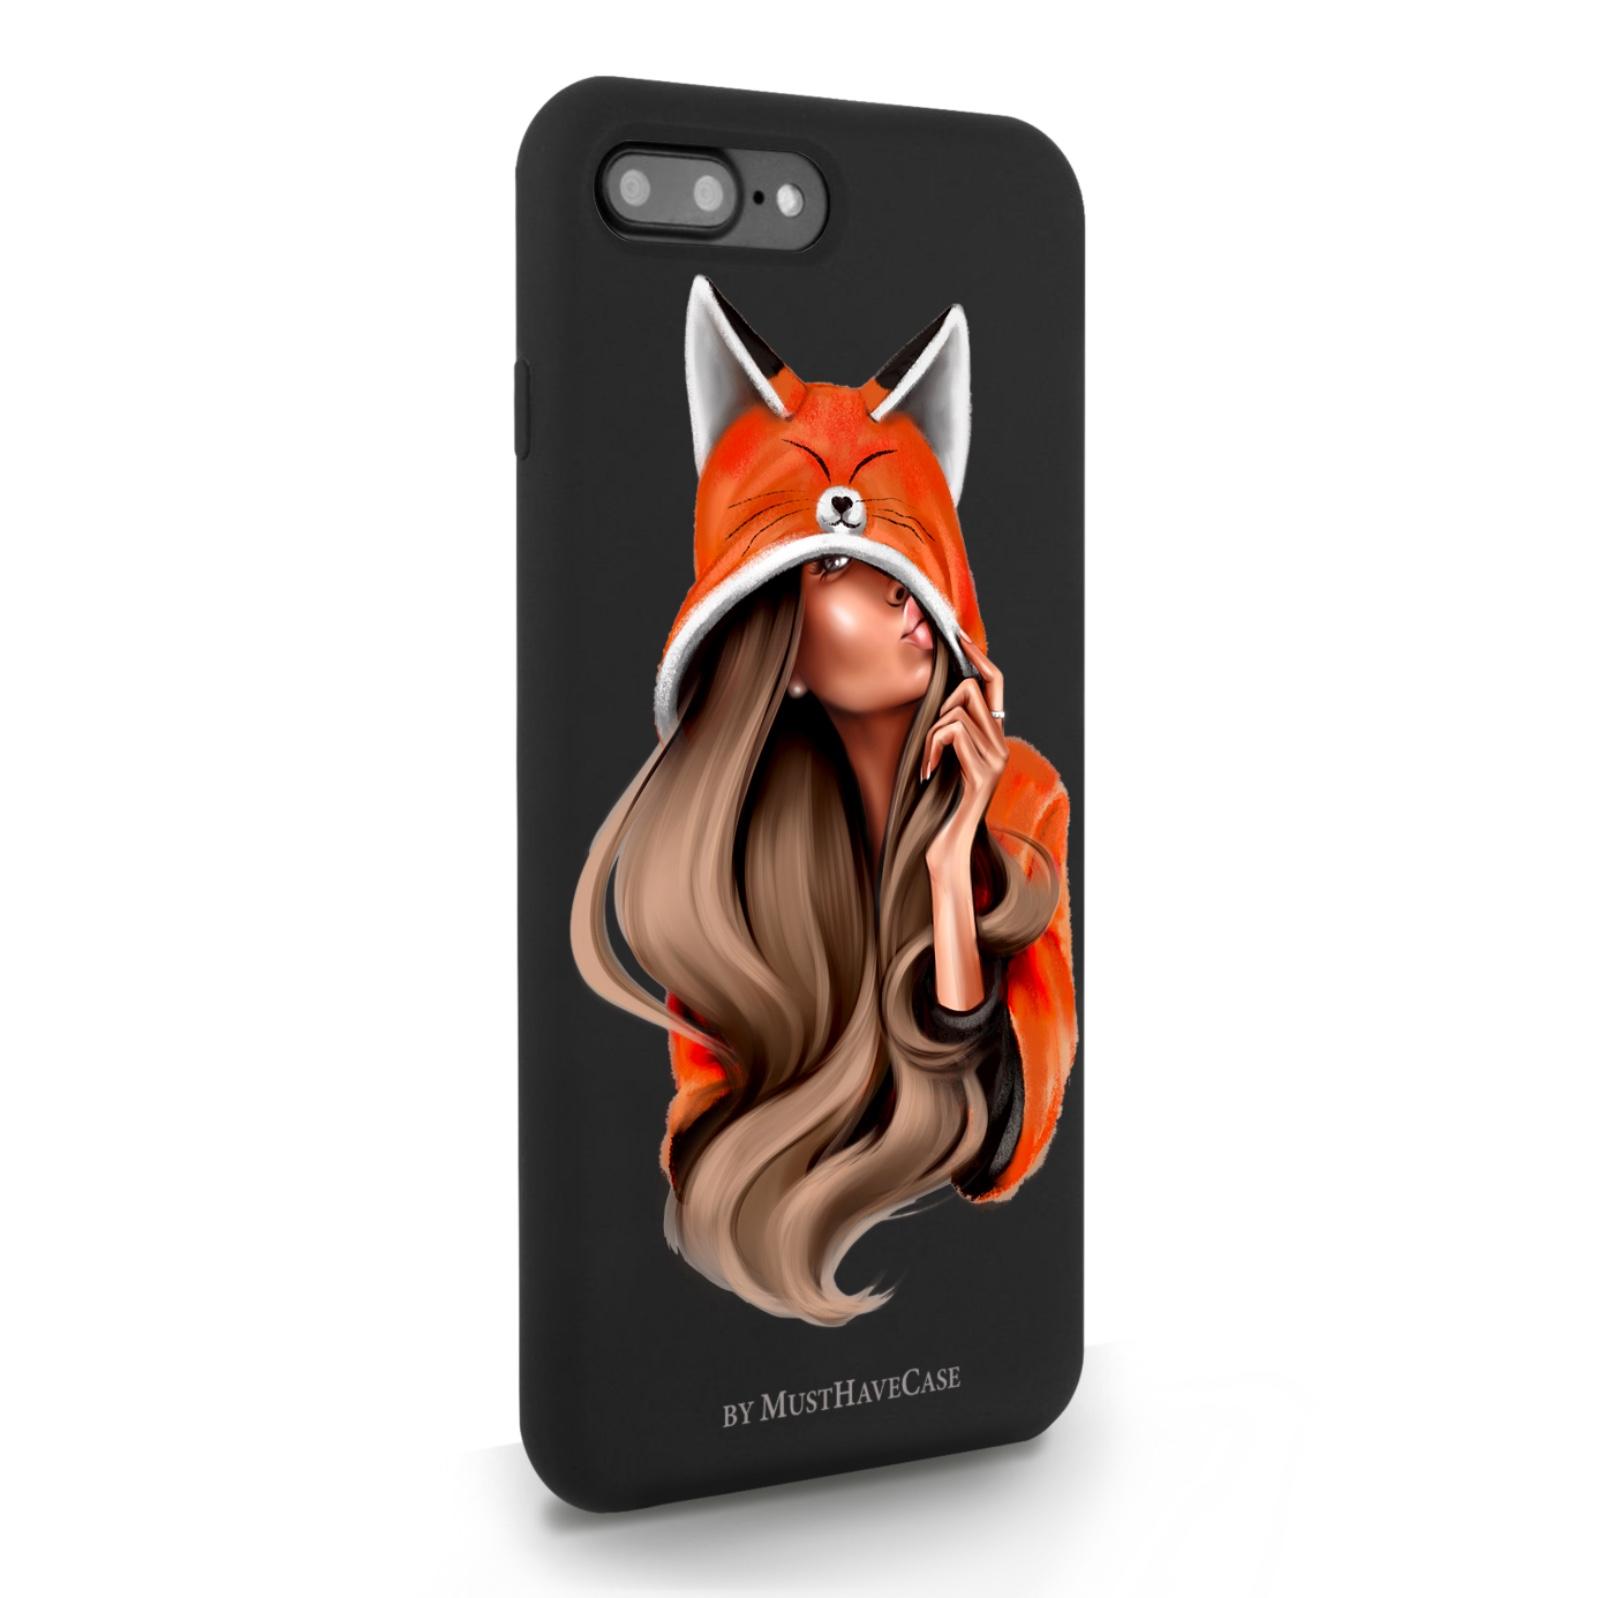 Черный силиконовый чехол для iPhone 7/8 Plus Foxy Girl/ Лисичка для Айфон 7/8 Плюс